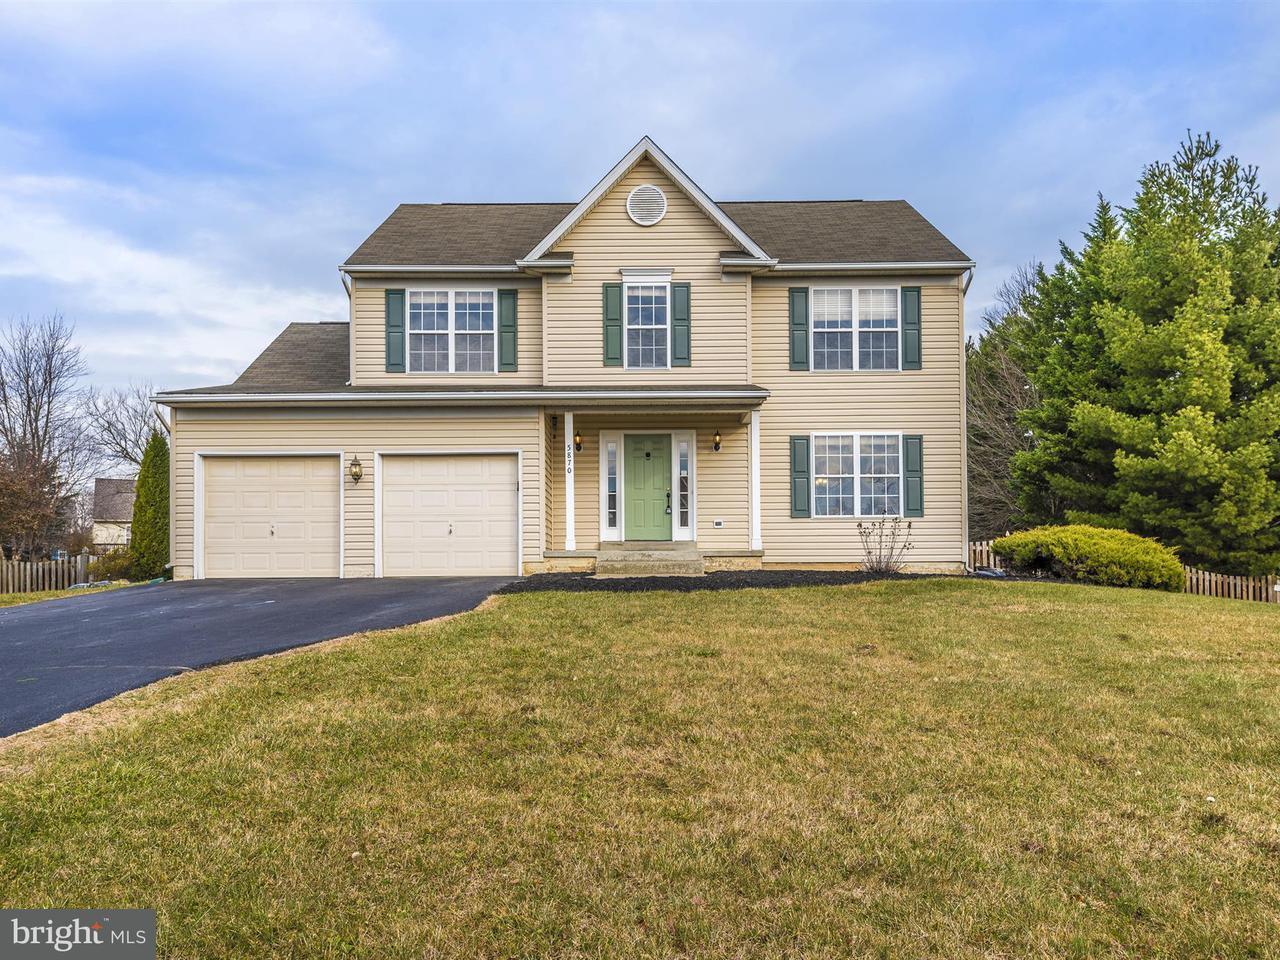 Частный односемейный дом для того Продажа на 5870 UNION RIDGE Drive 5870 UNION RIDGE Drive Adamstown, Мэриленд 21710 Соединенные Штаты